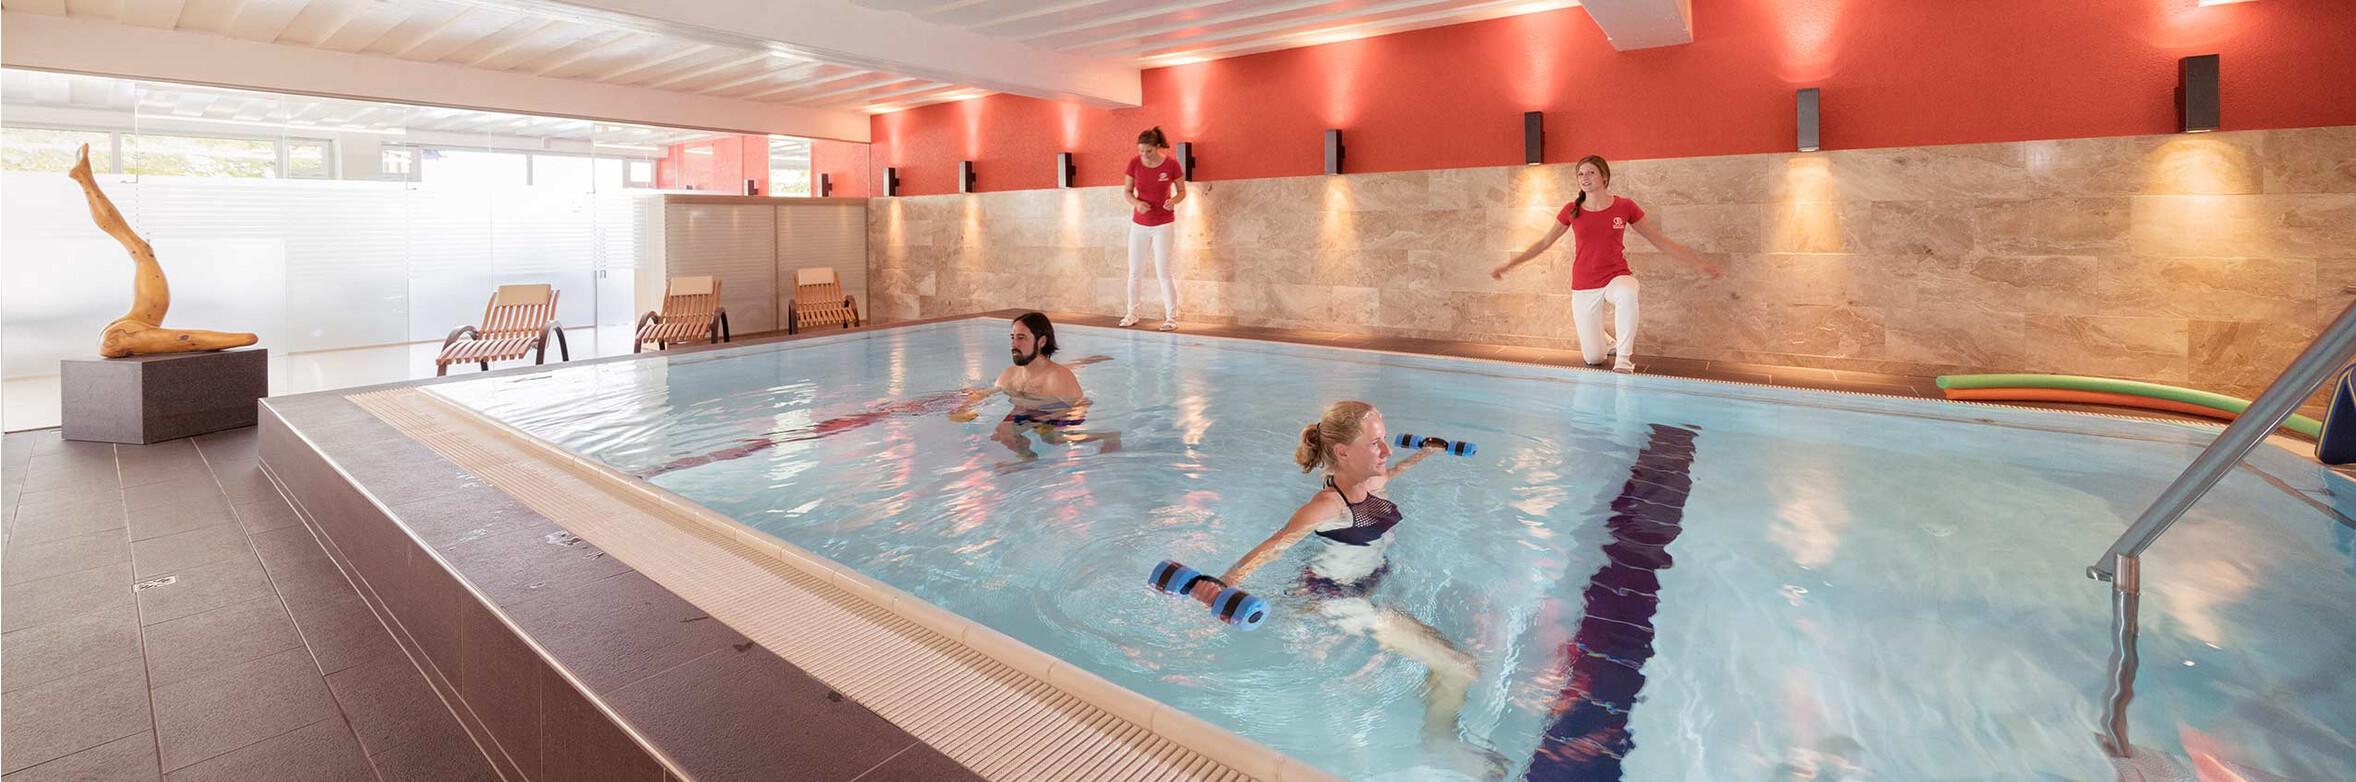 pzi-burtscher-unterwasser-therapie